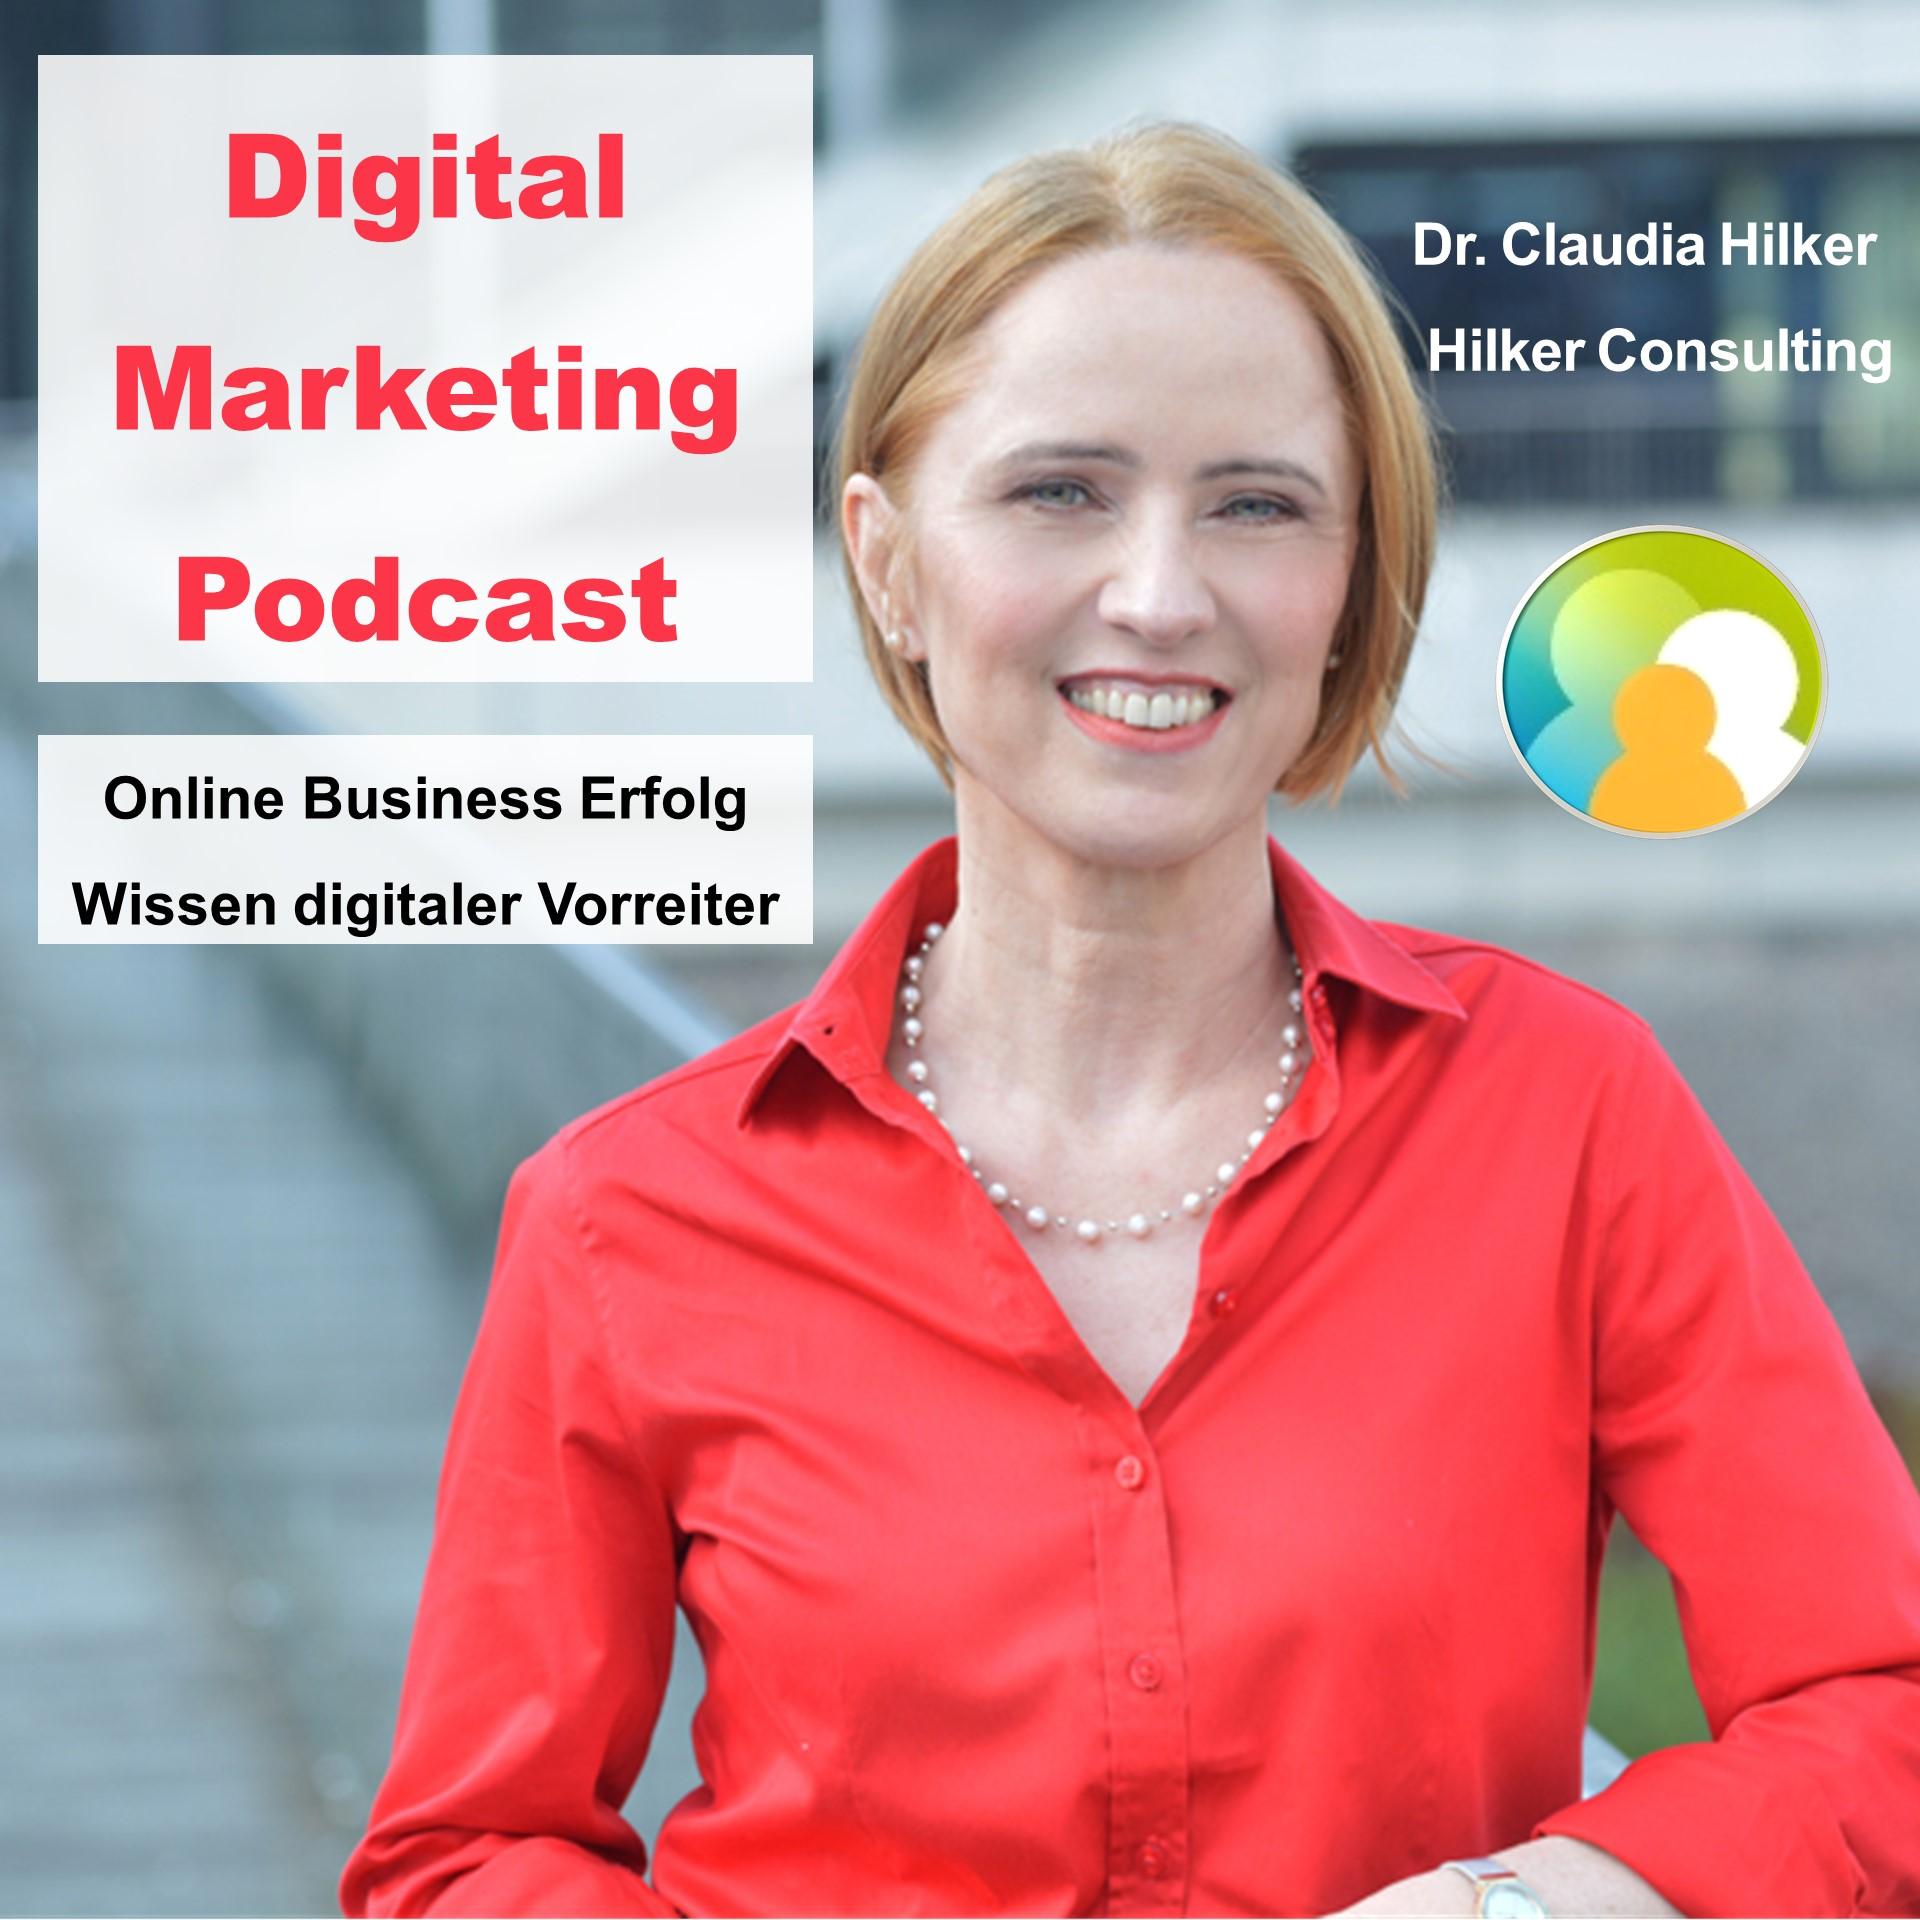 Digital Marketing Podcast_digitale Vorreiter